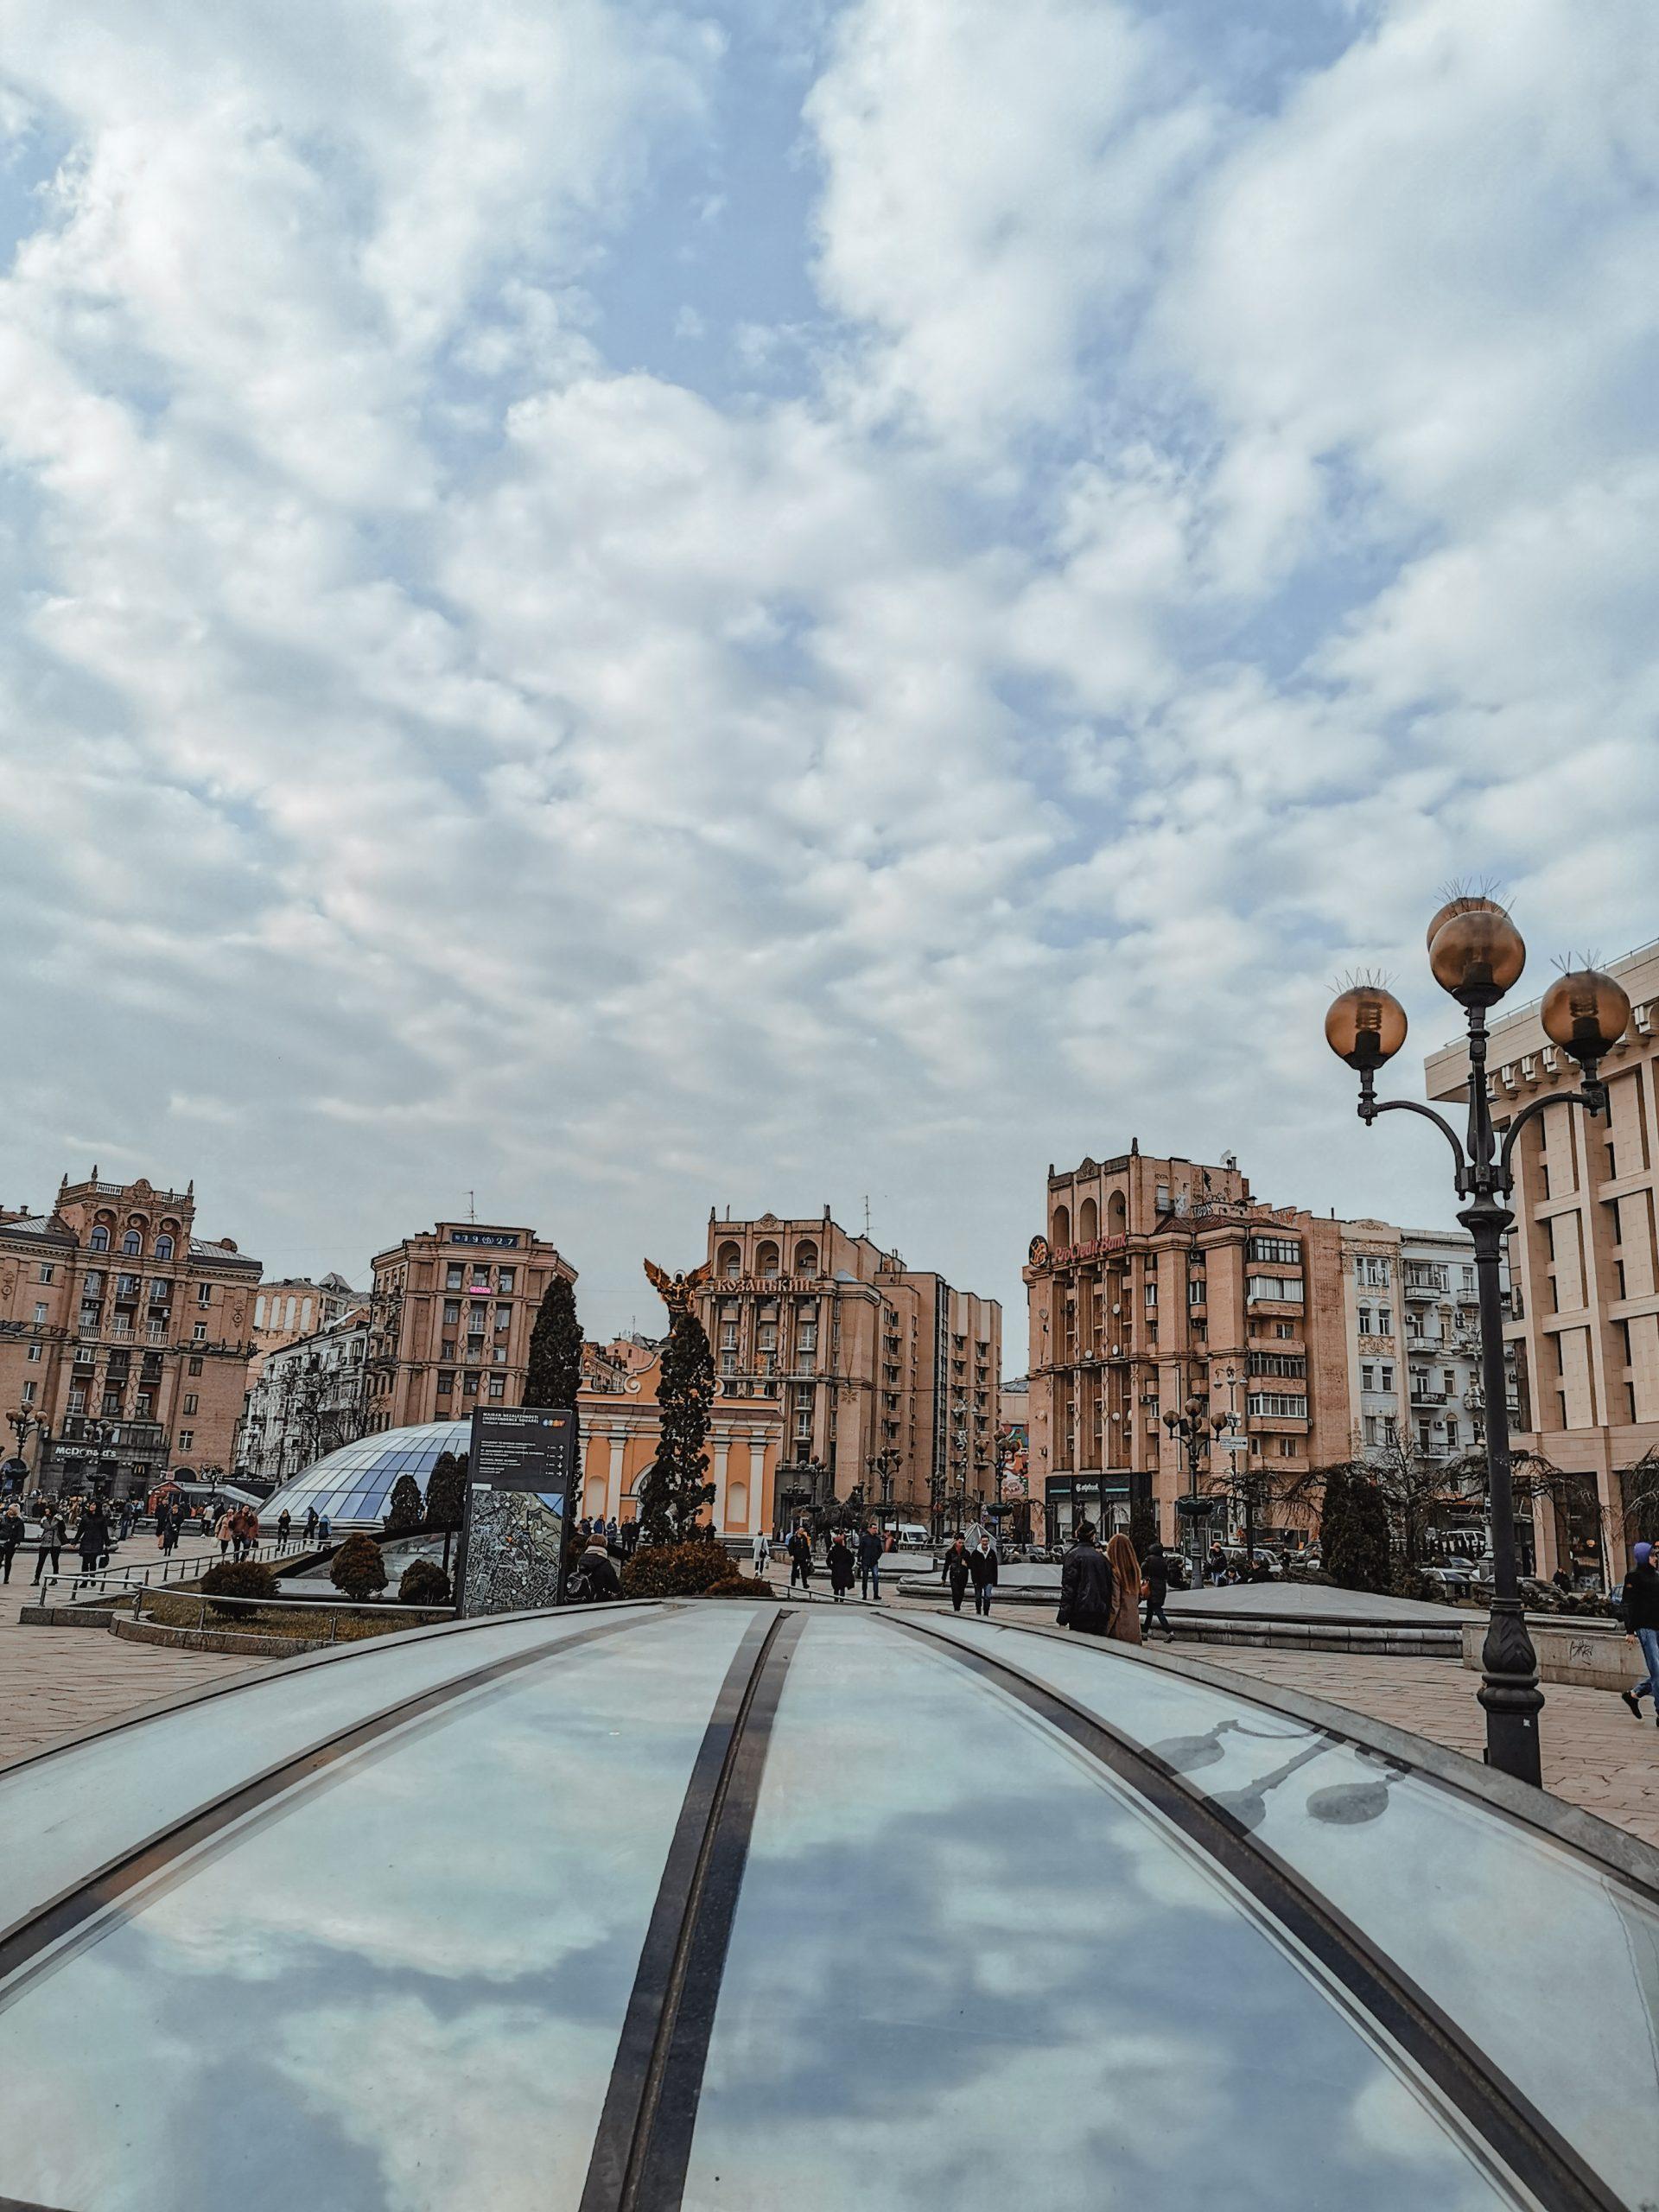 Maidan Nezalezhnost